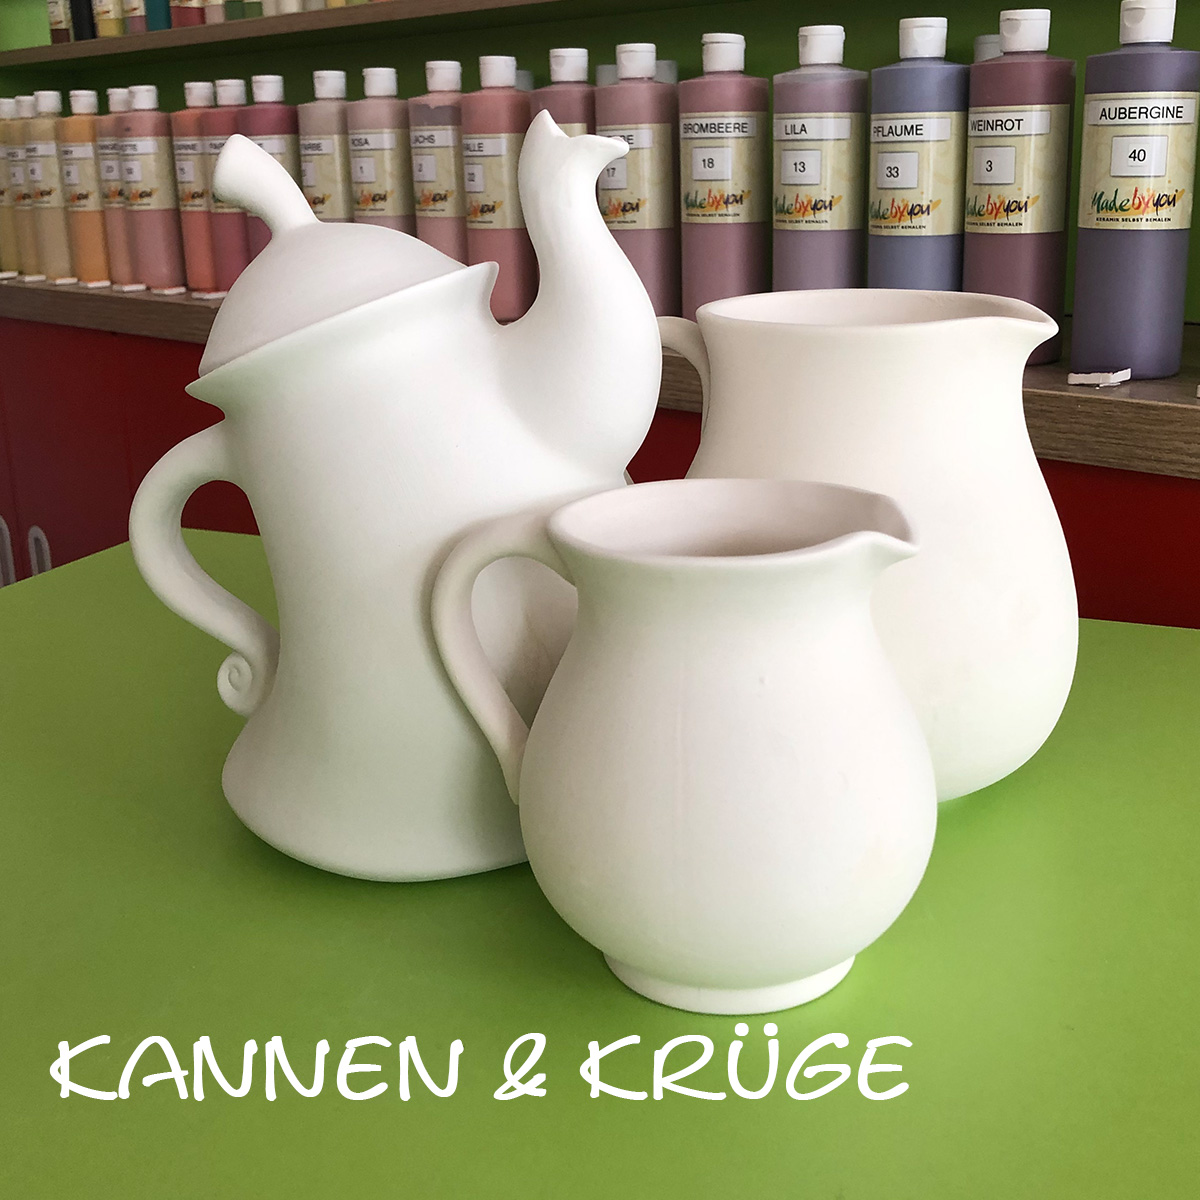 Keramik zum bemalen Krüge und Kannen